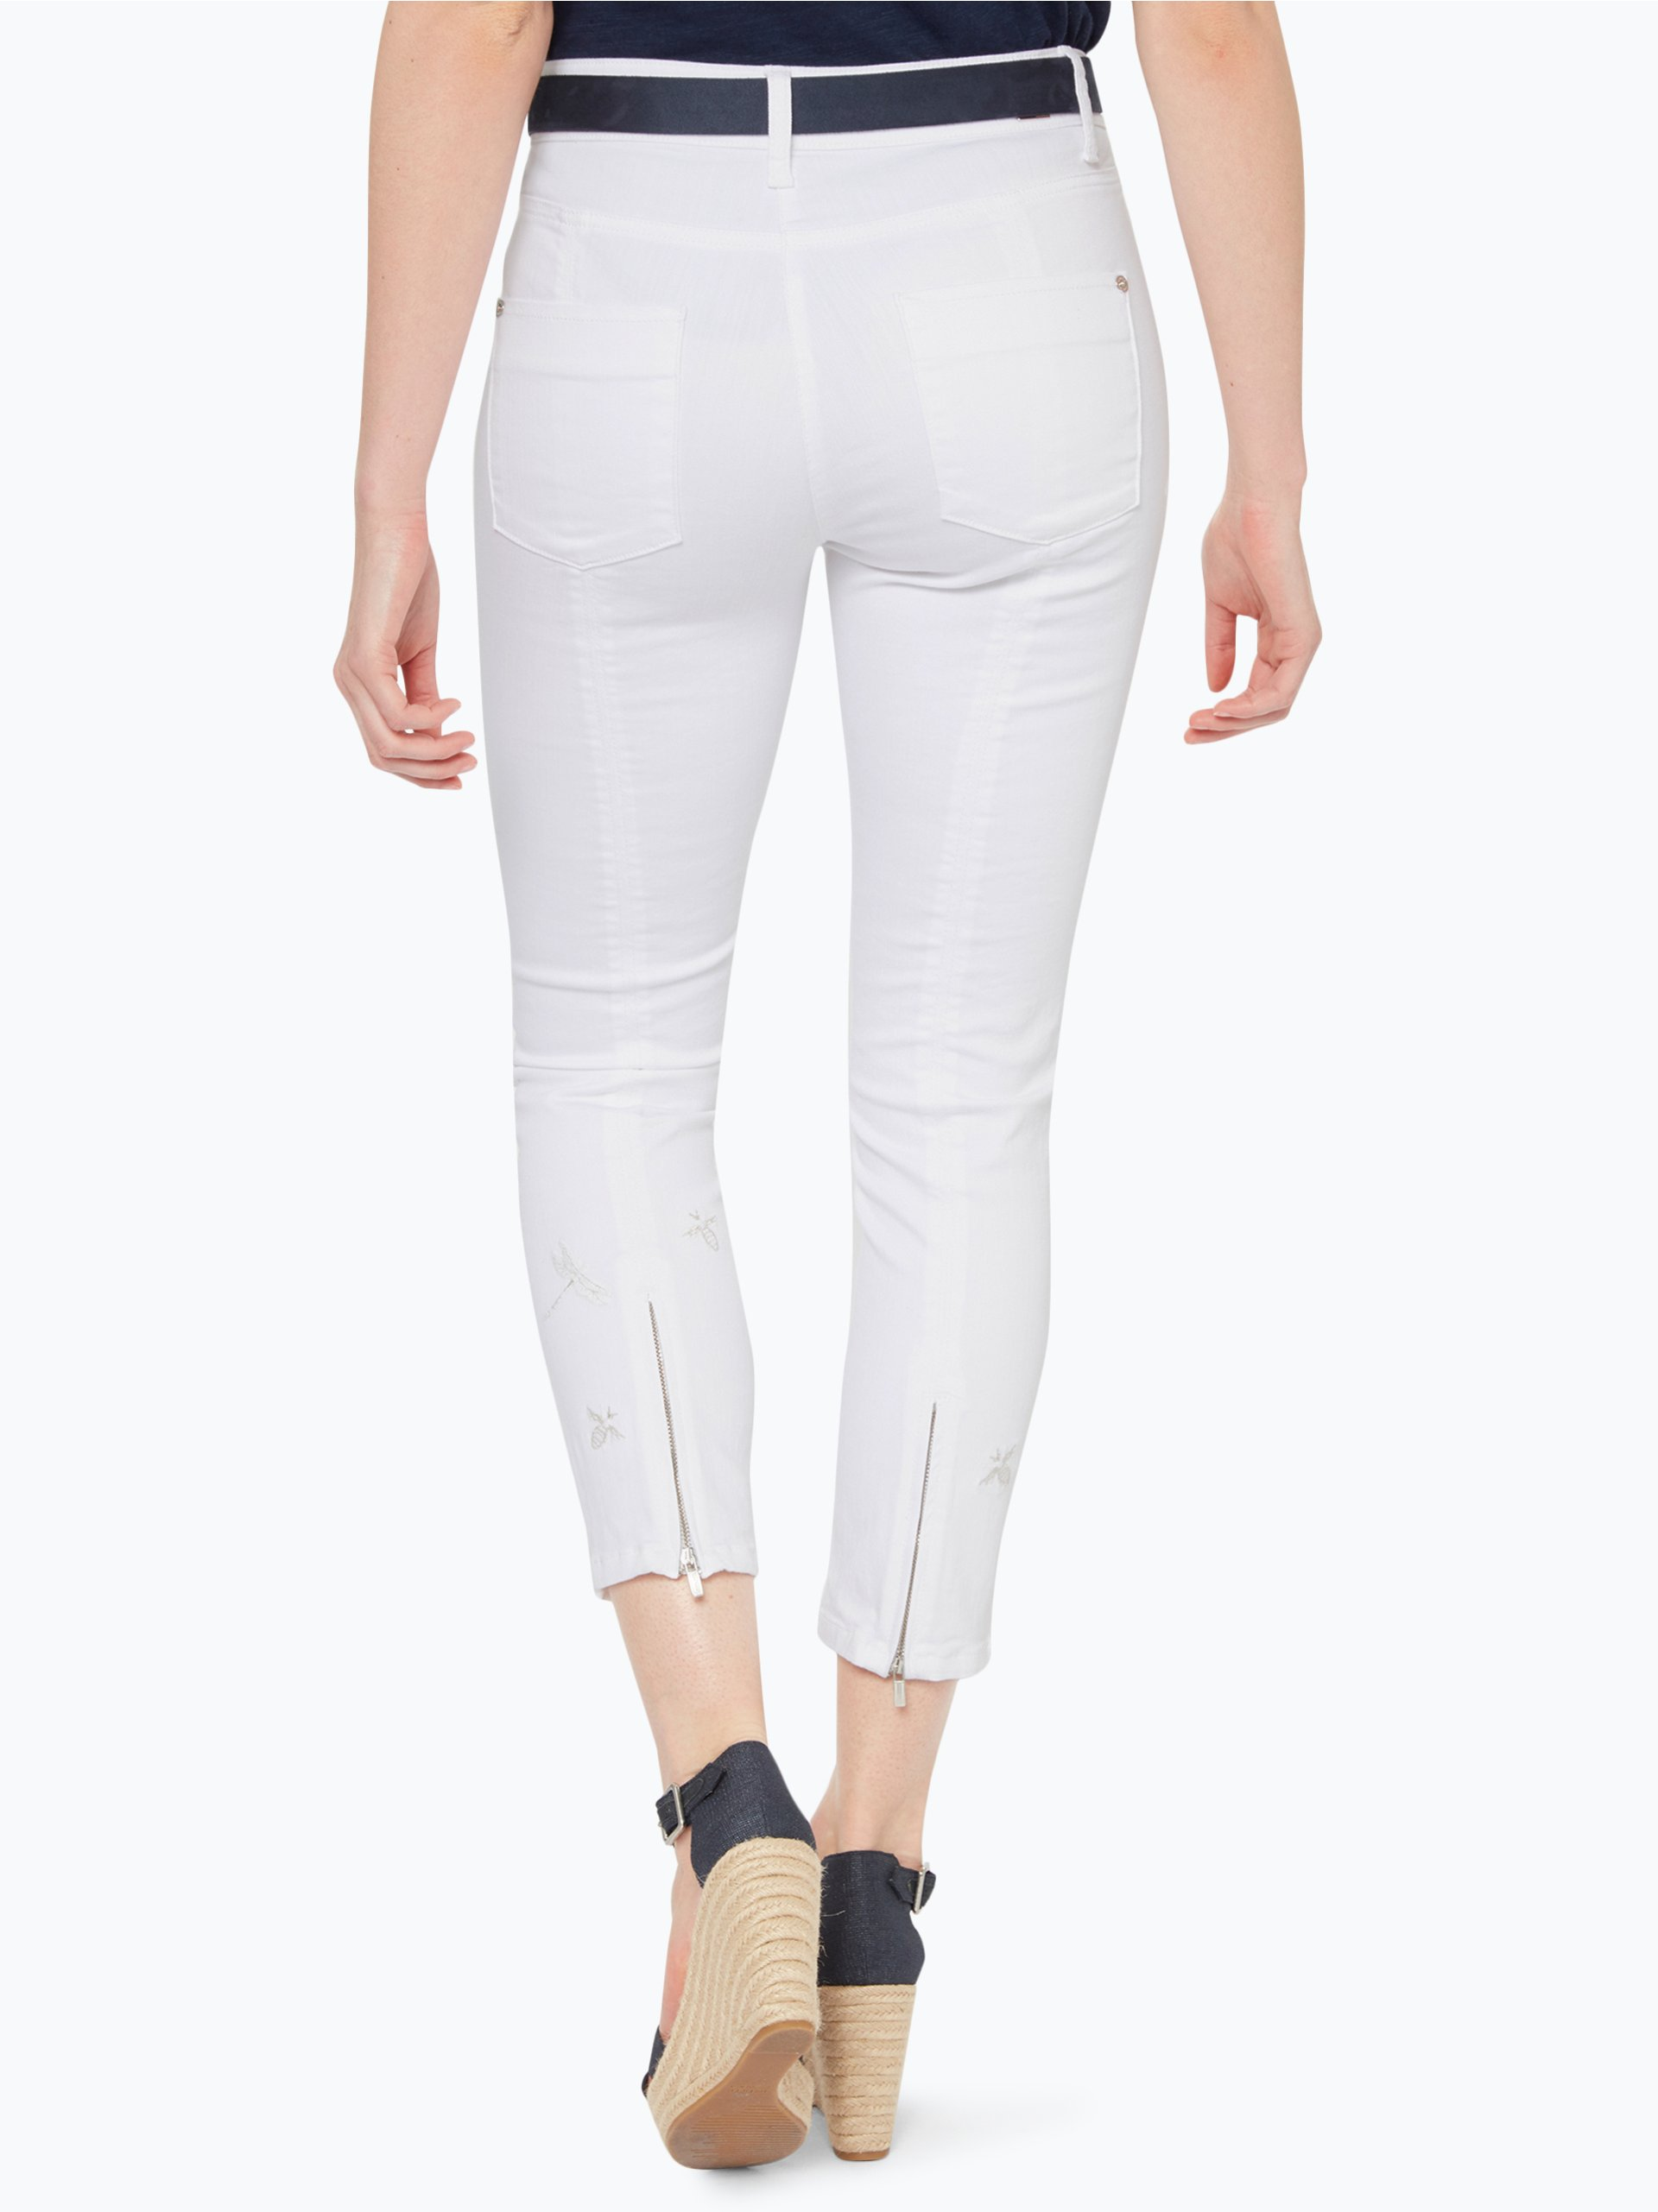 cambio damen jeans piera wei gemustert online kaufen. Black Bedroom Furniture Sets. Home Design Ideas